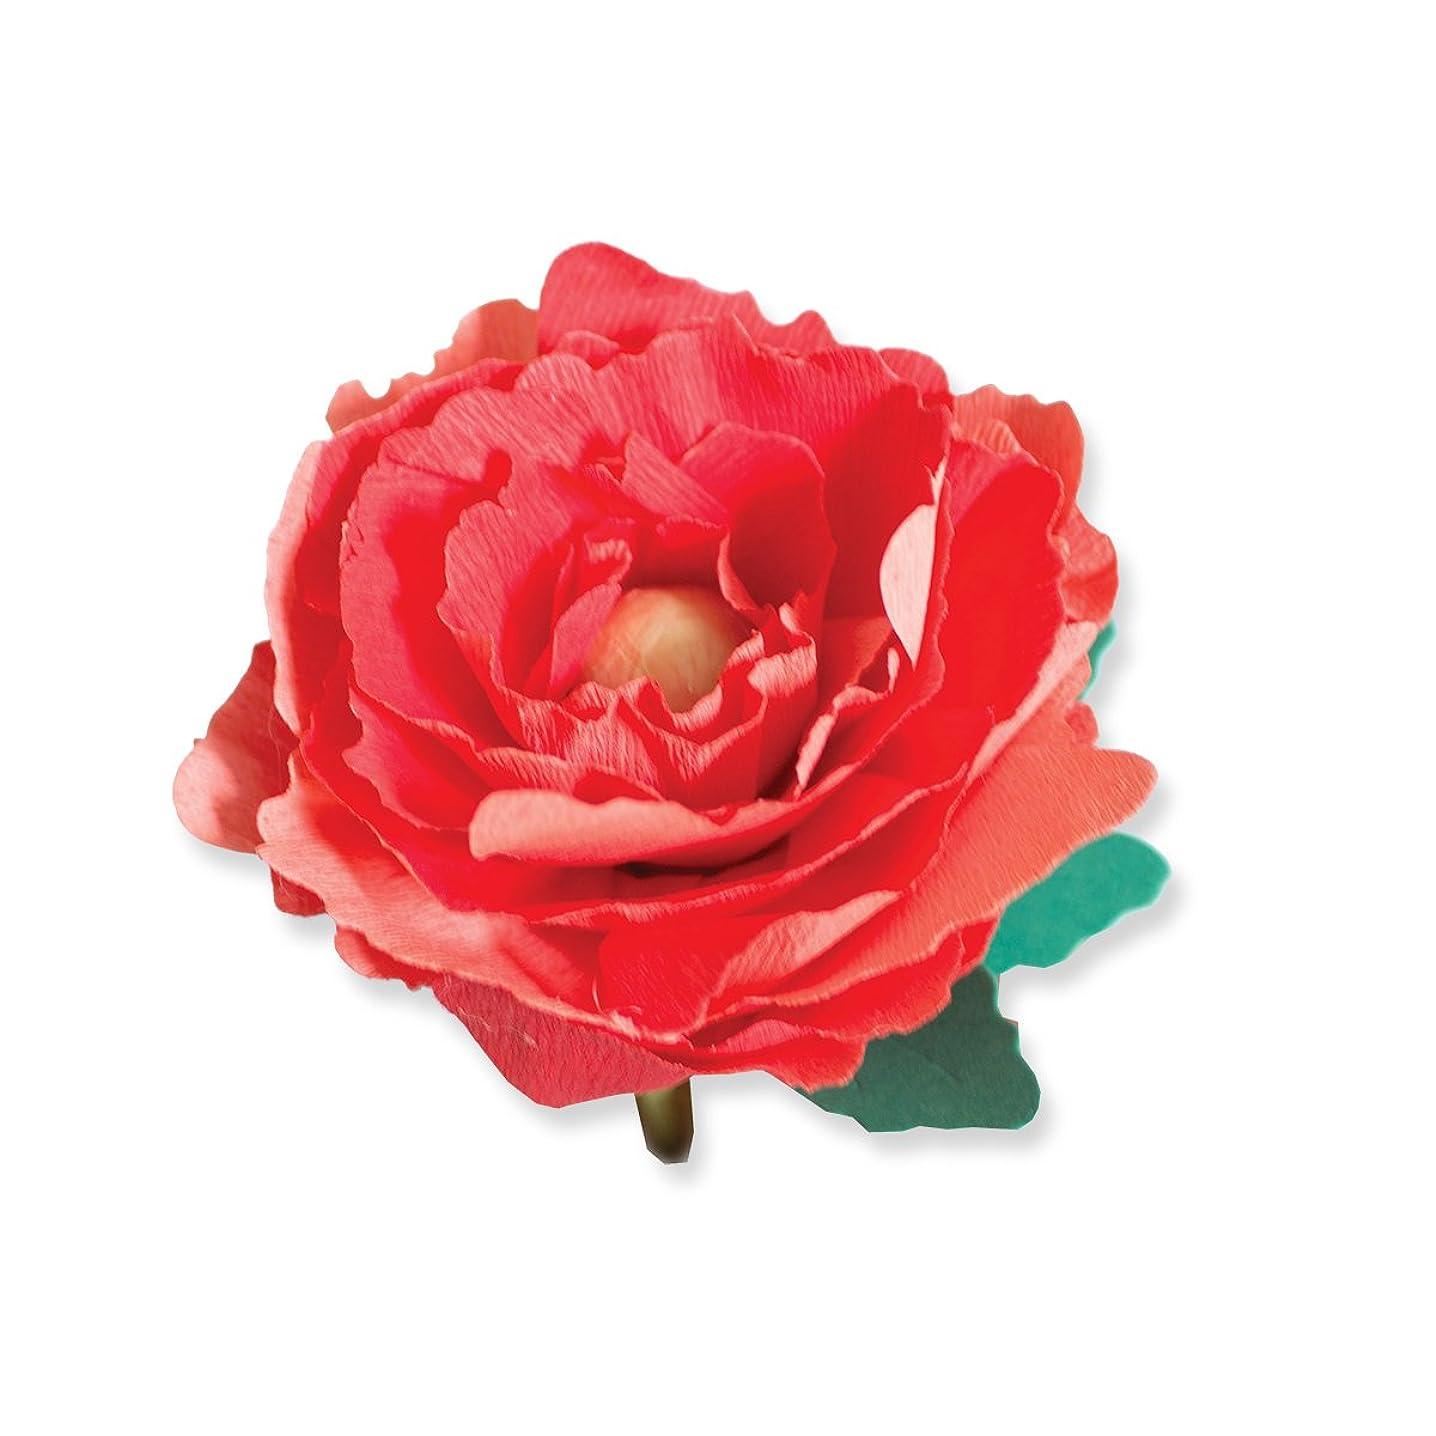 Spellbinders Ruffled Flowers Etched/Wafer Thin Dies